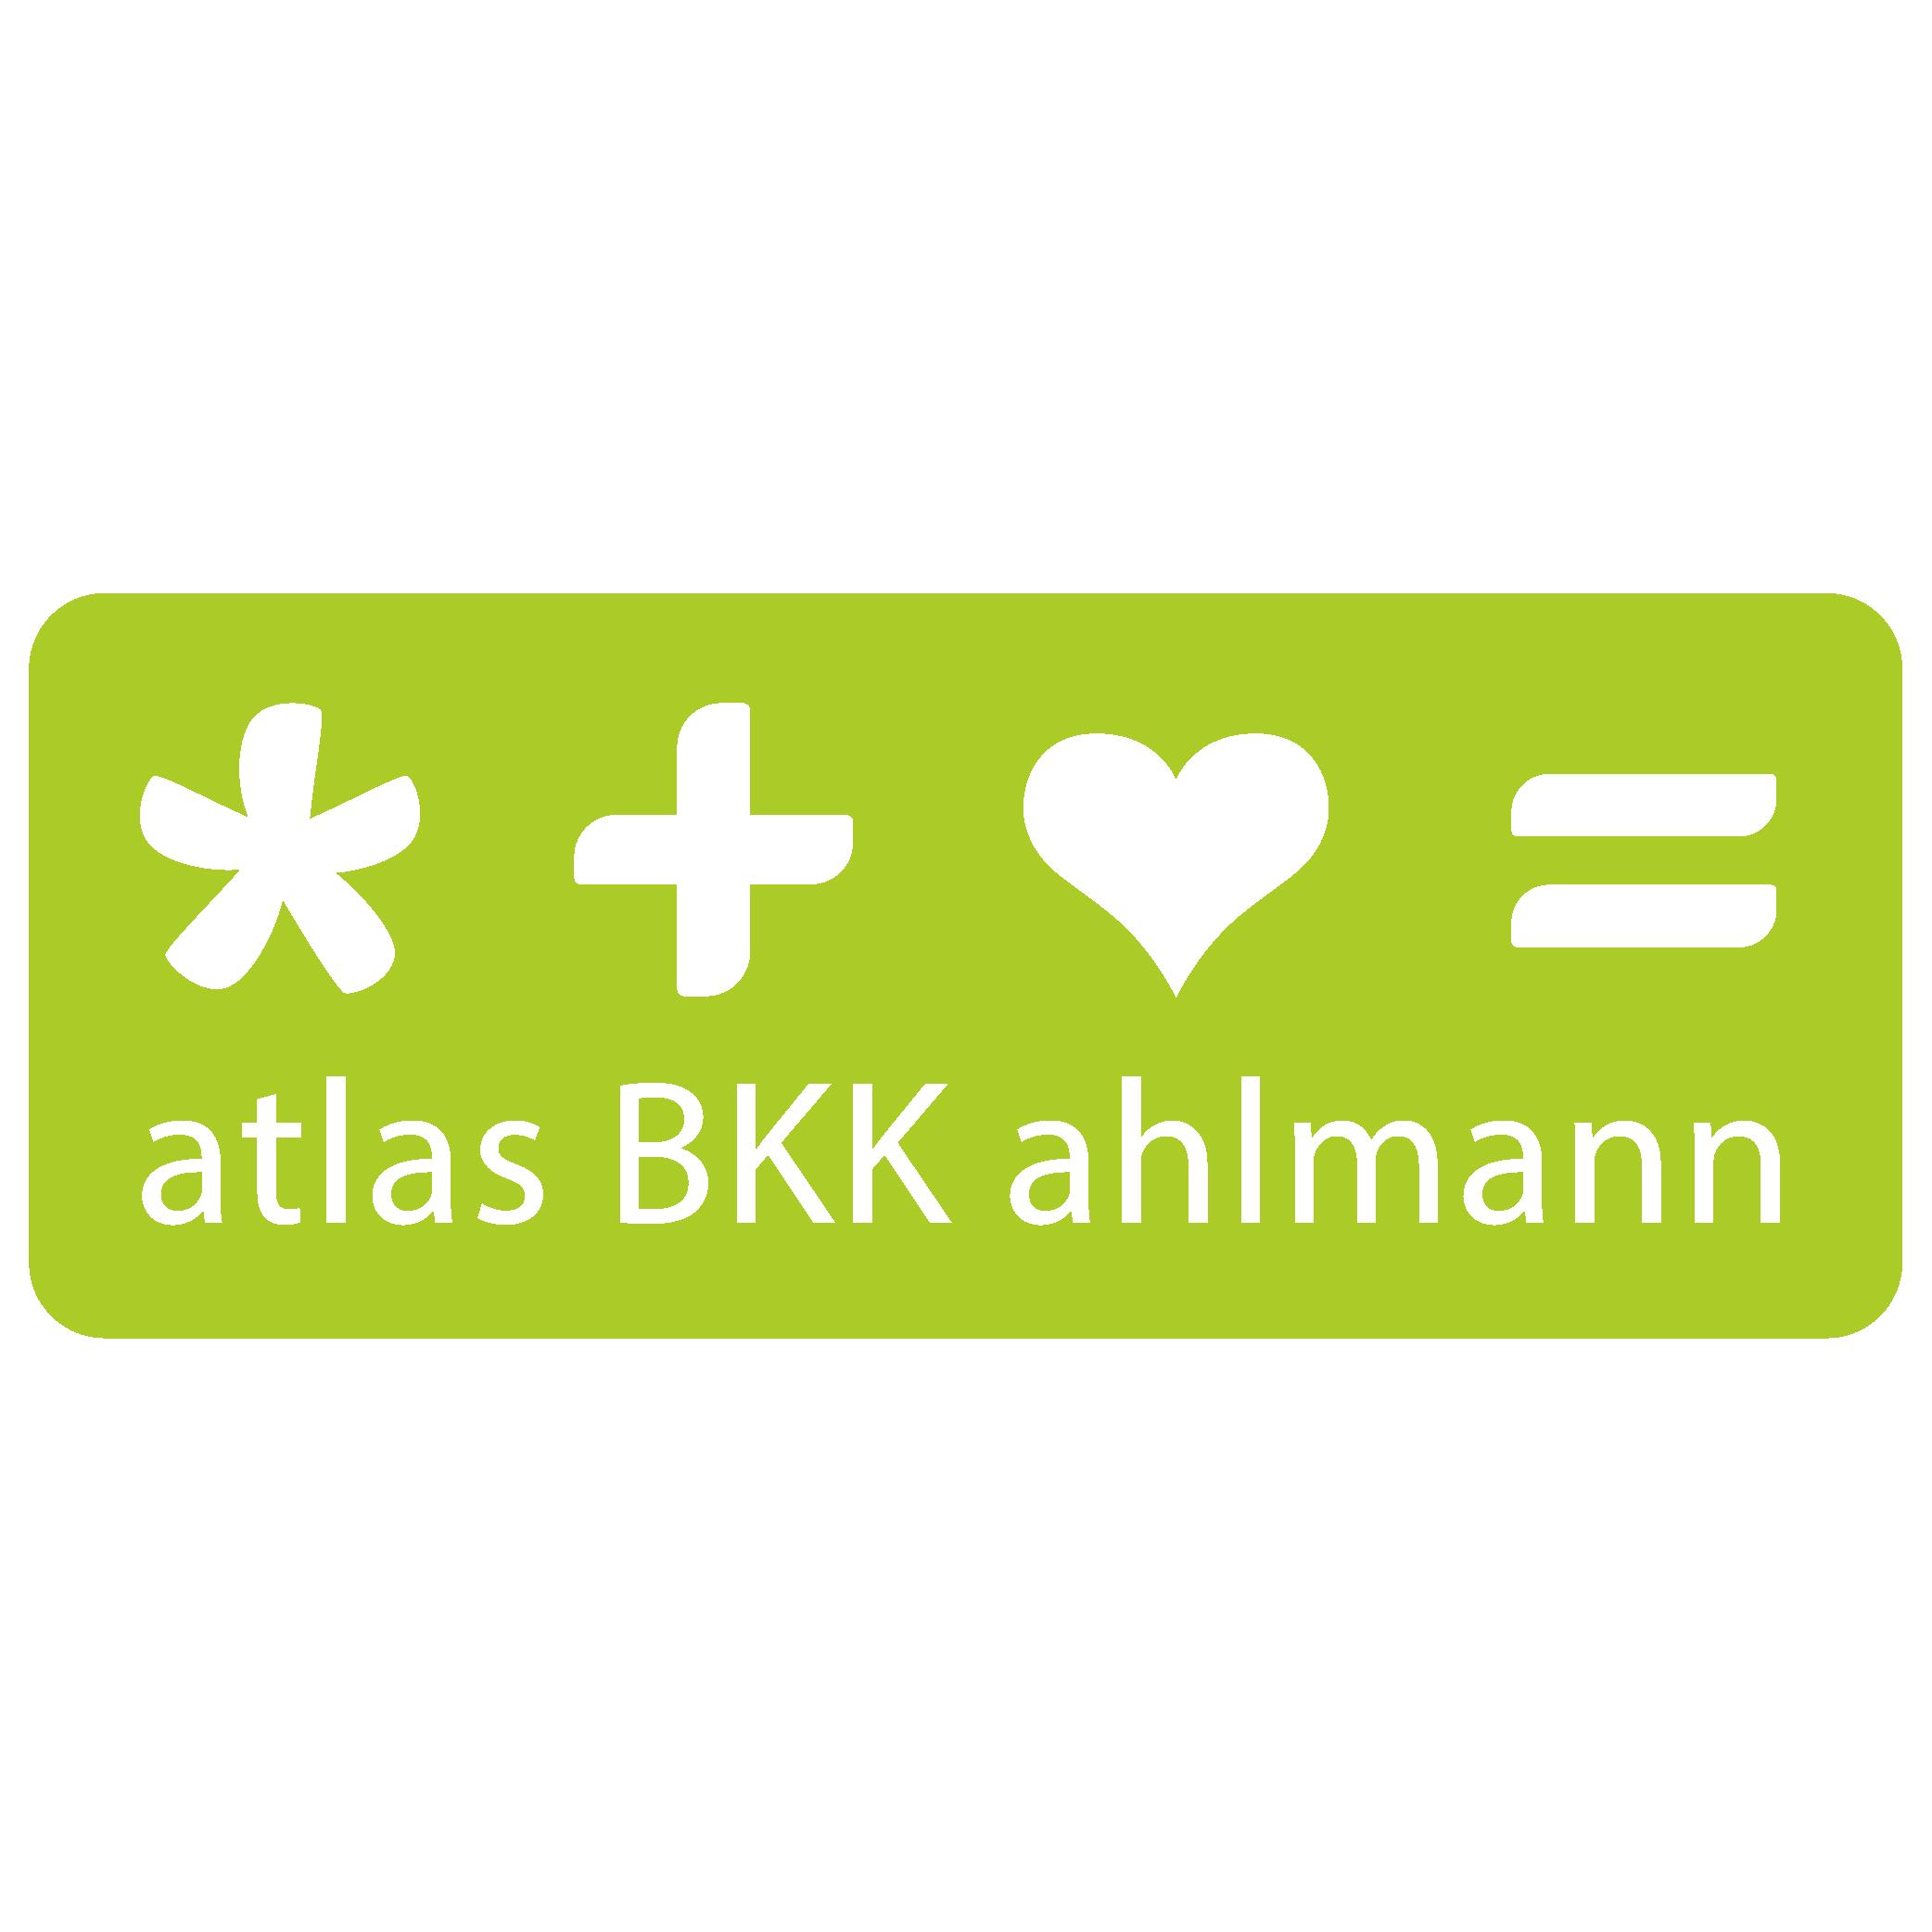 Markenzeichen der atlas BKK ahlmann